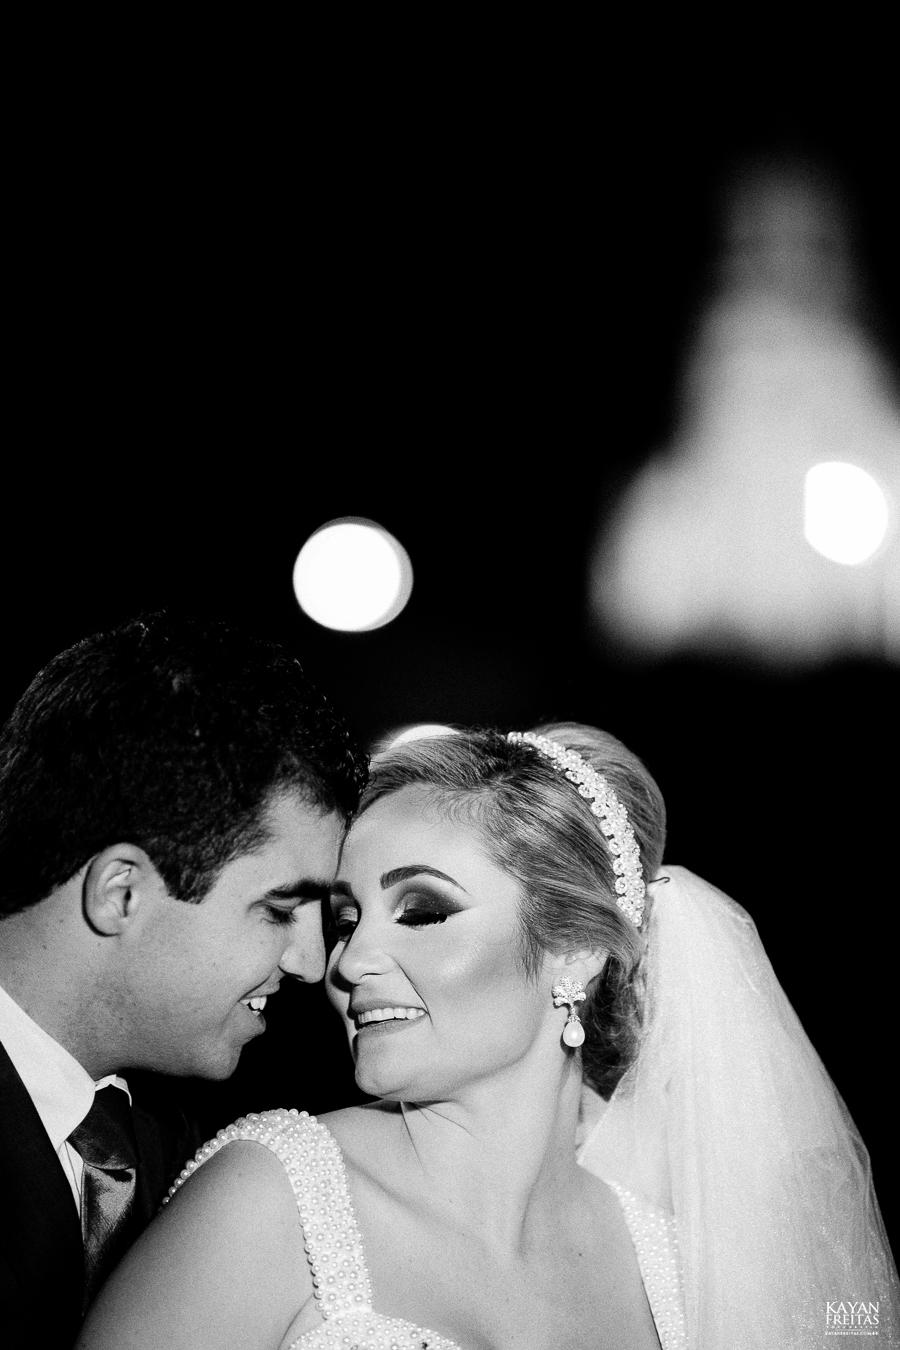 tiago-mayara-casamento-0088 Casamento Mayara e Tiago - Santo Amaro da Imperatriz